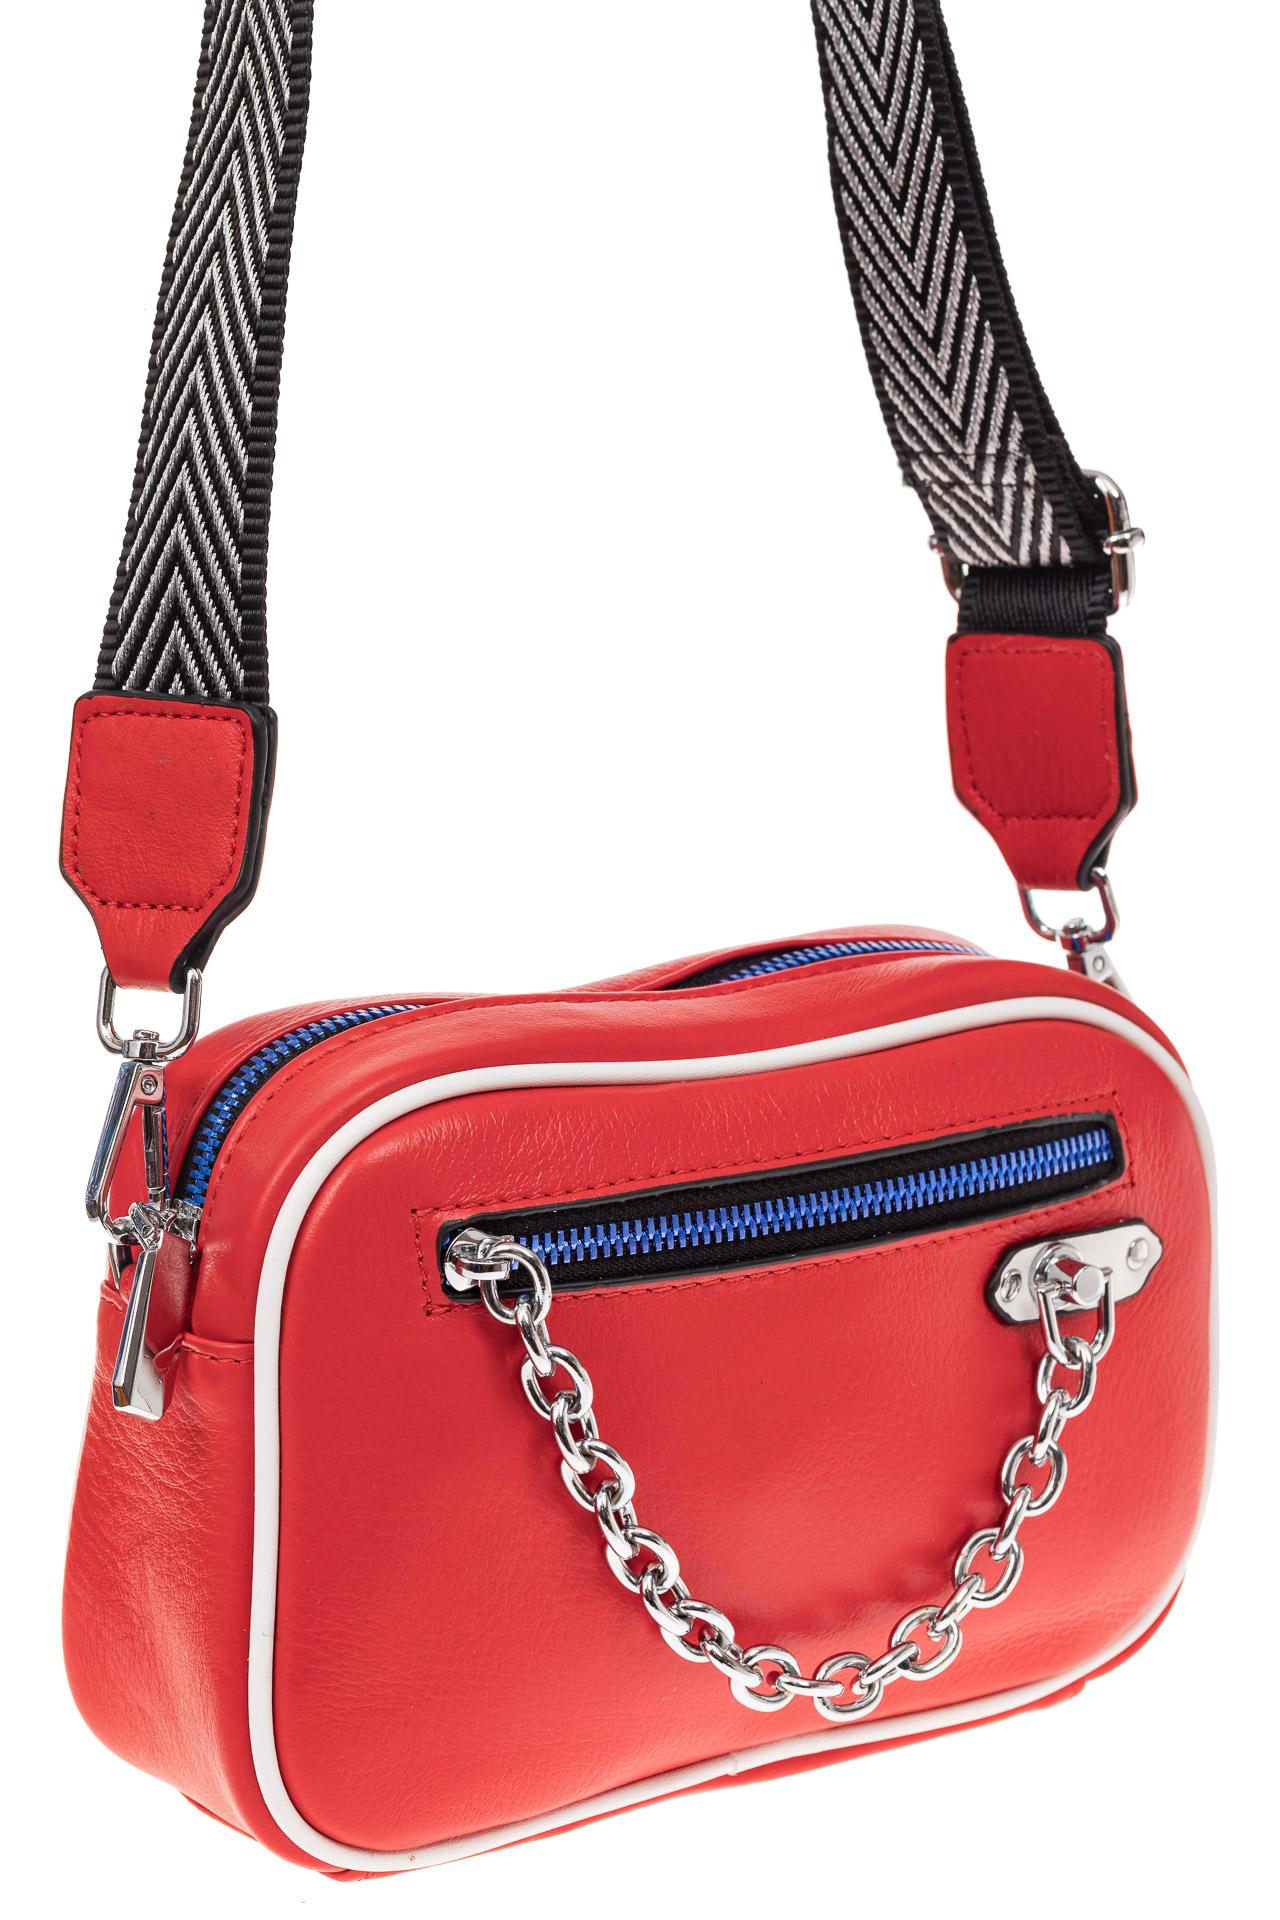 Молодежная сумка из натуральной кожи, цвет красный